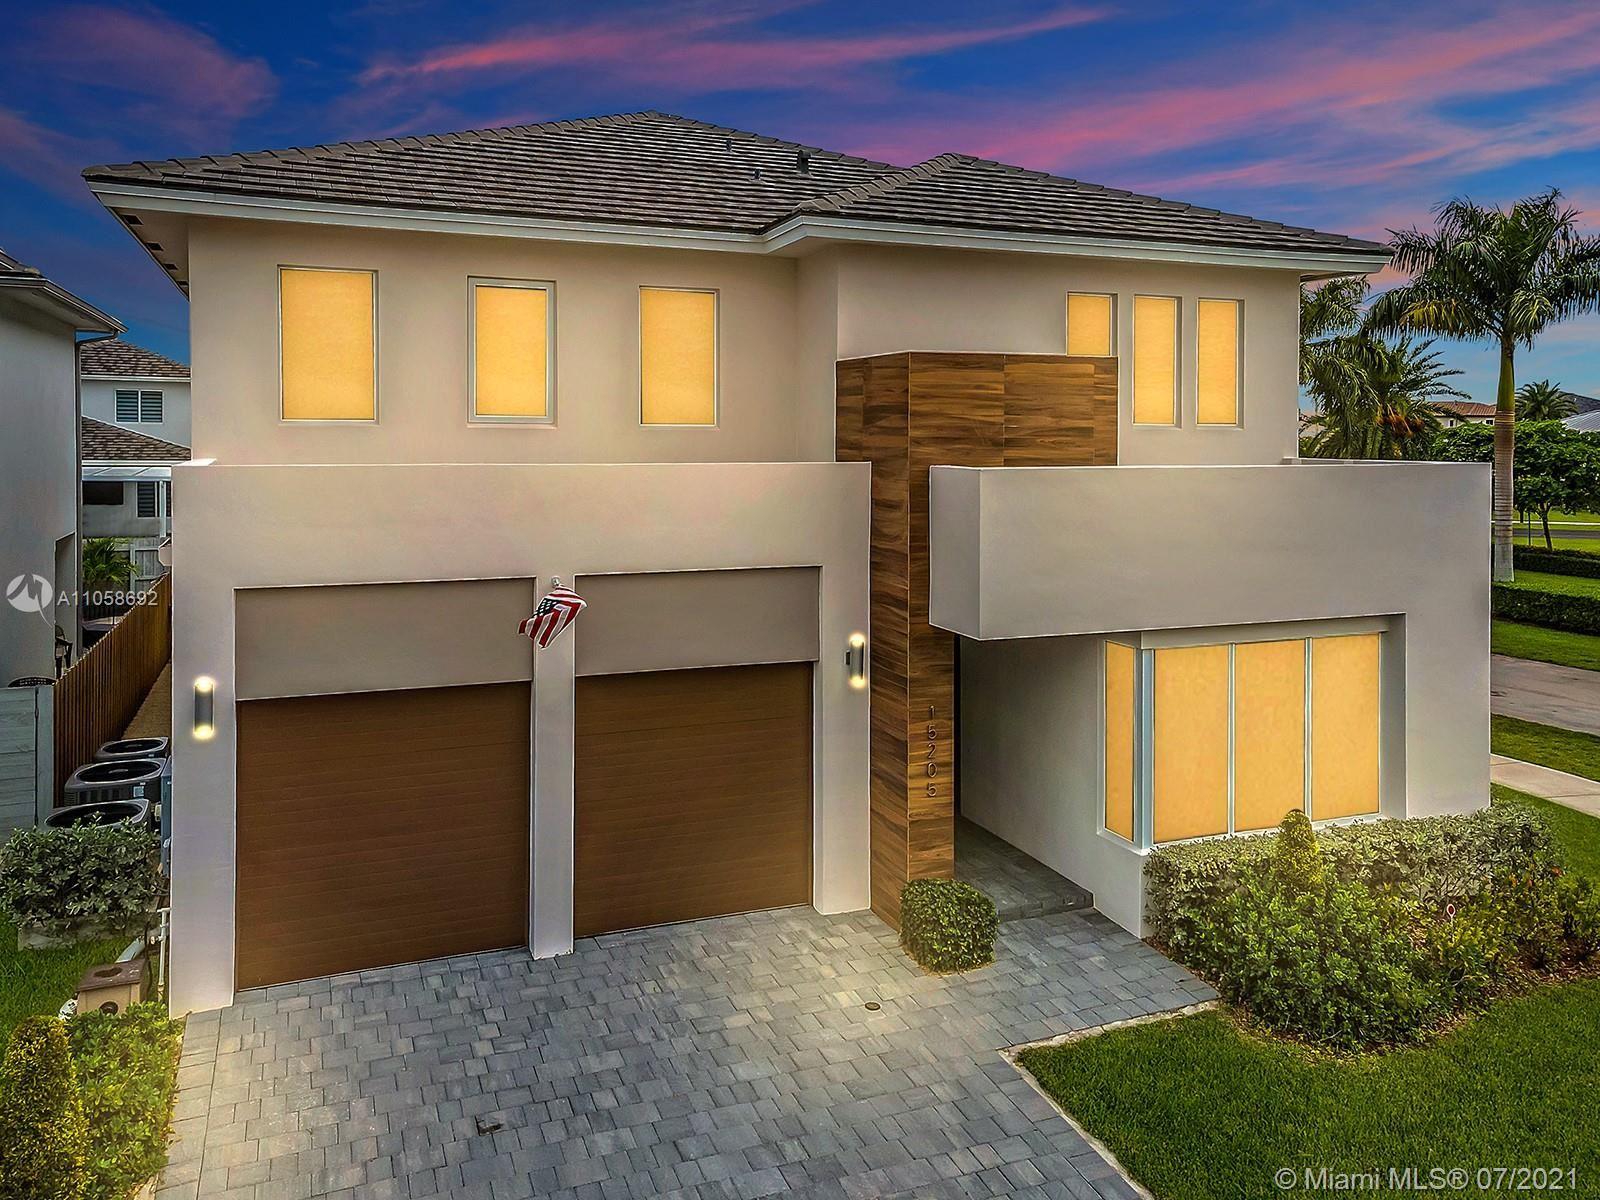 15205 SW 176th Ter, Miami, FL 33187 - #: A11058692